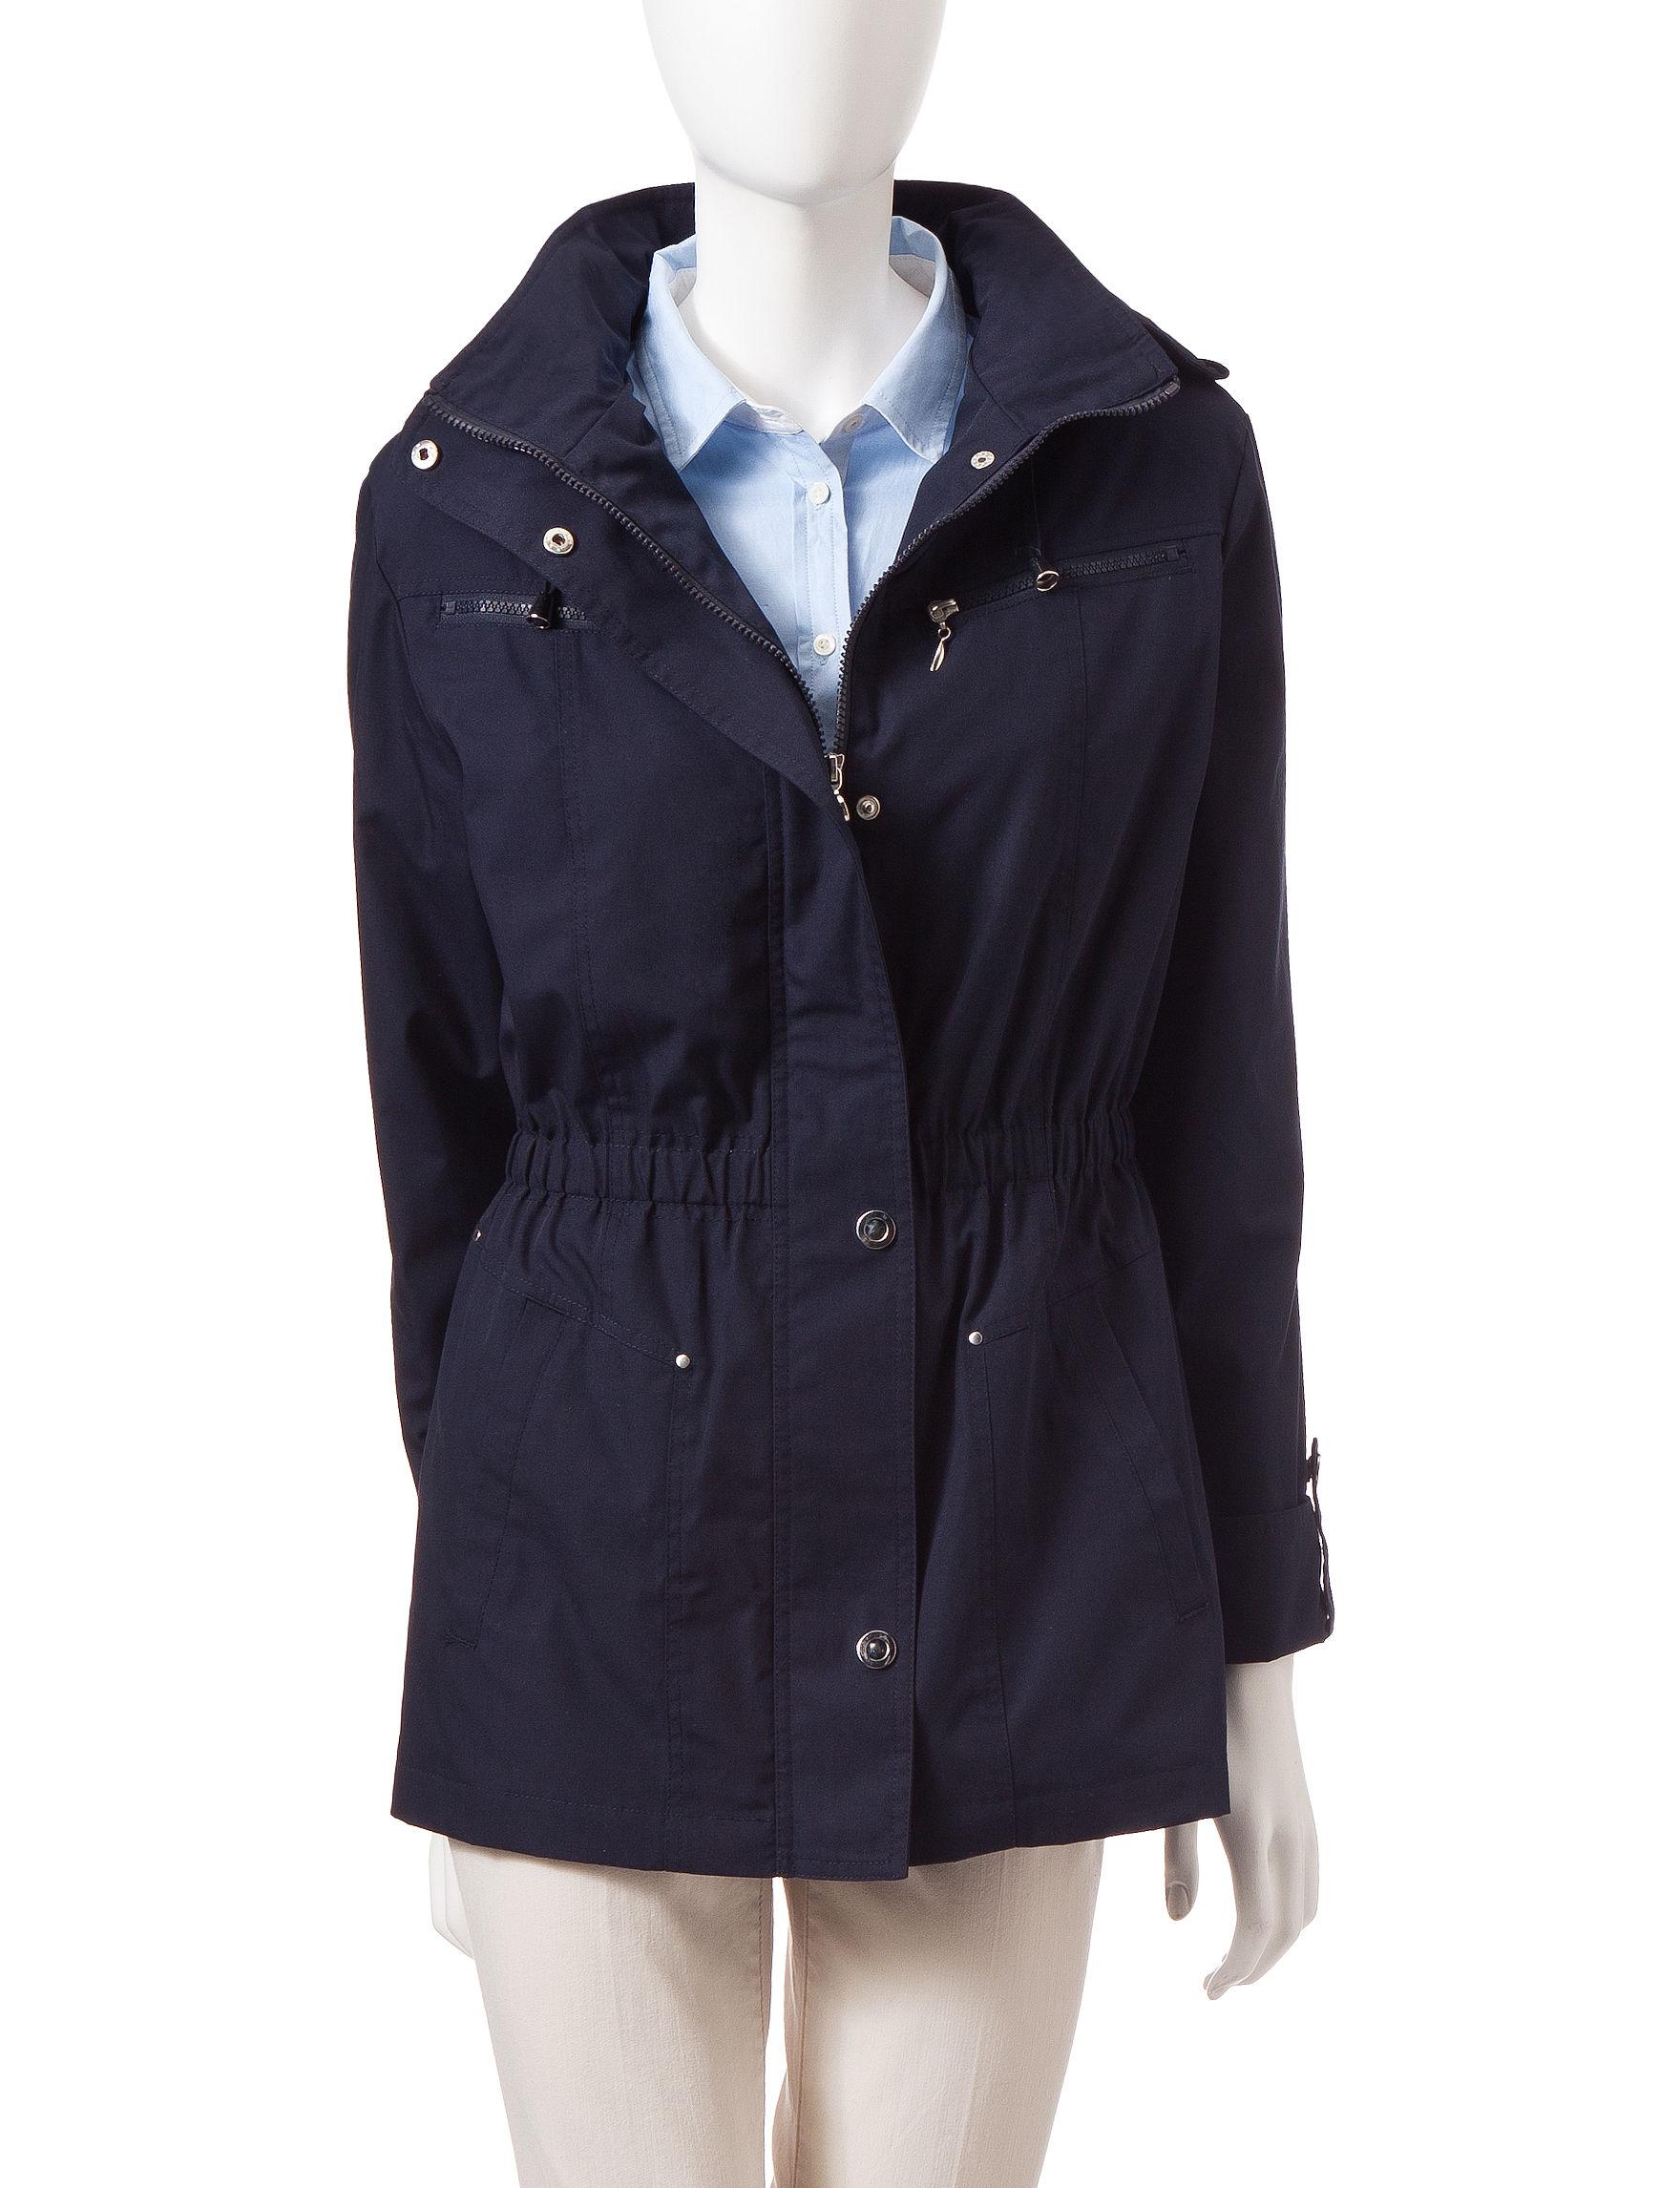 Mackintosh Navy Peacoats & Overcoats